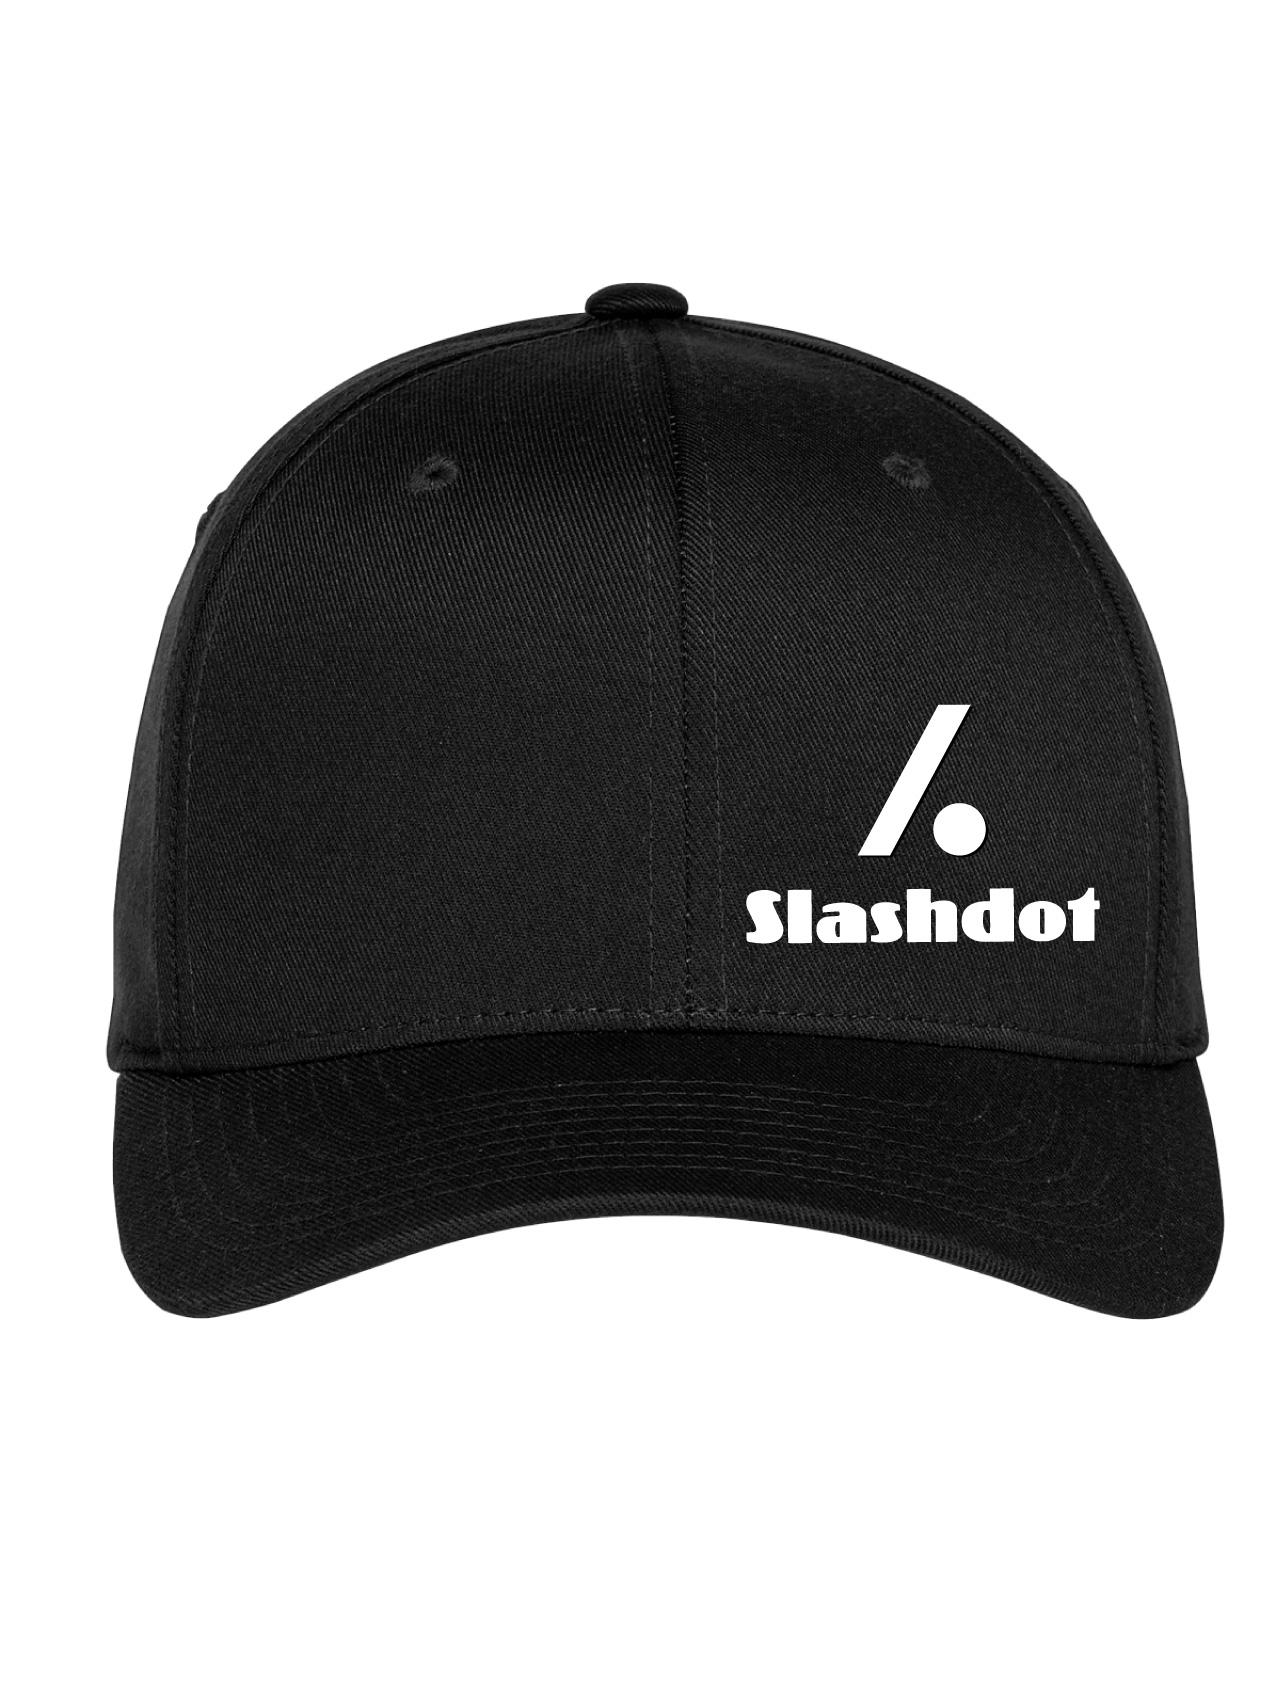 Slashdot Black Flexfit Cap